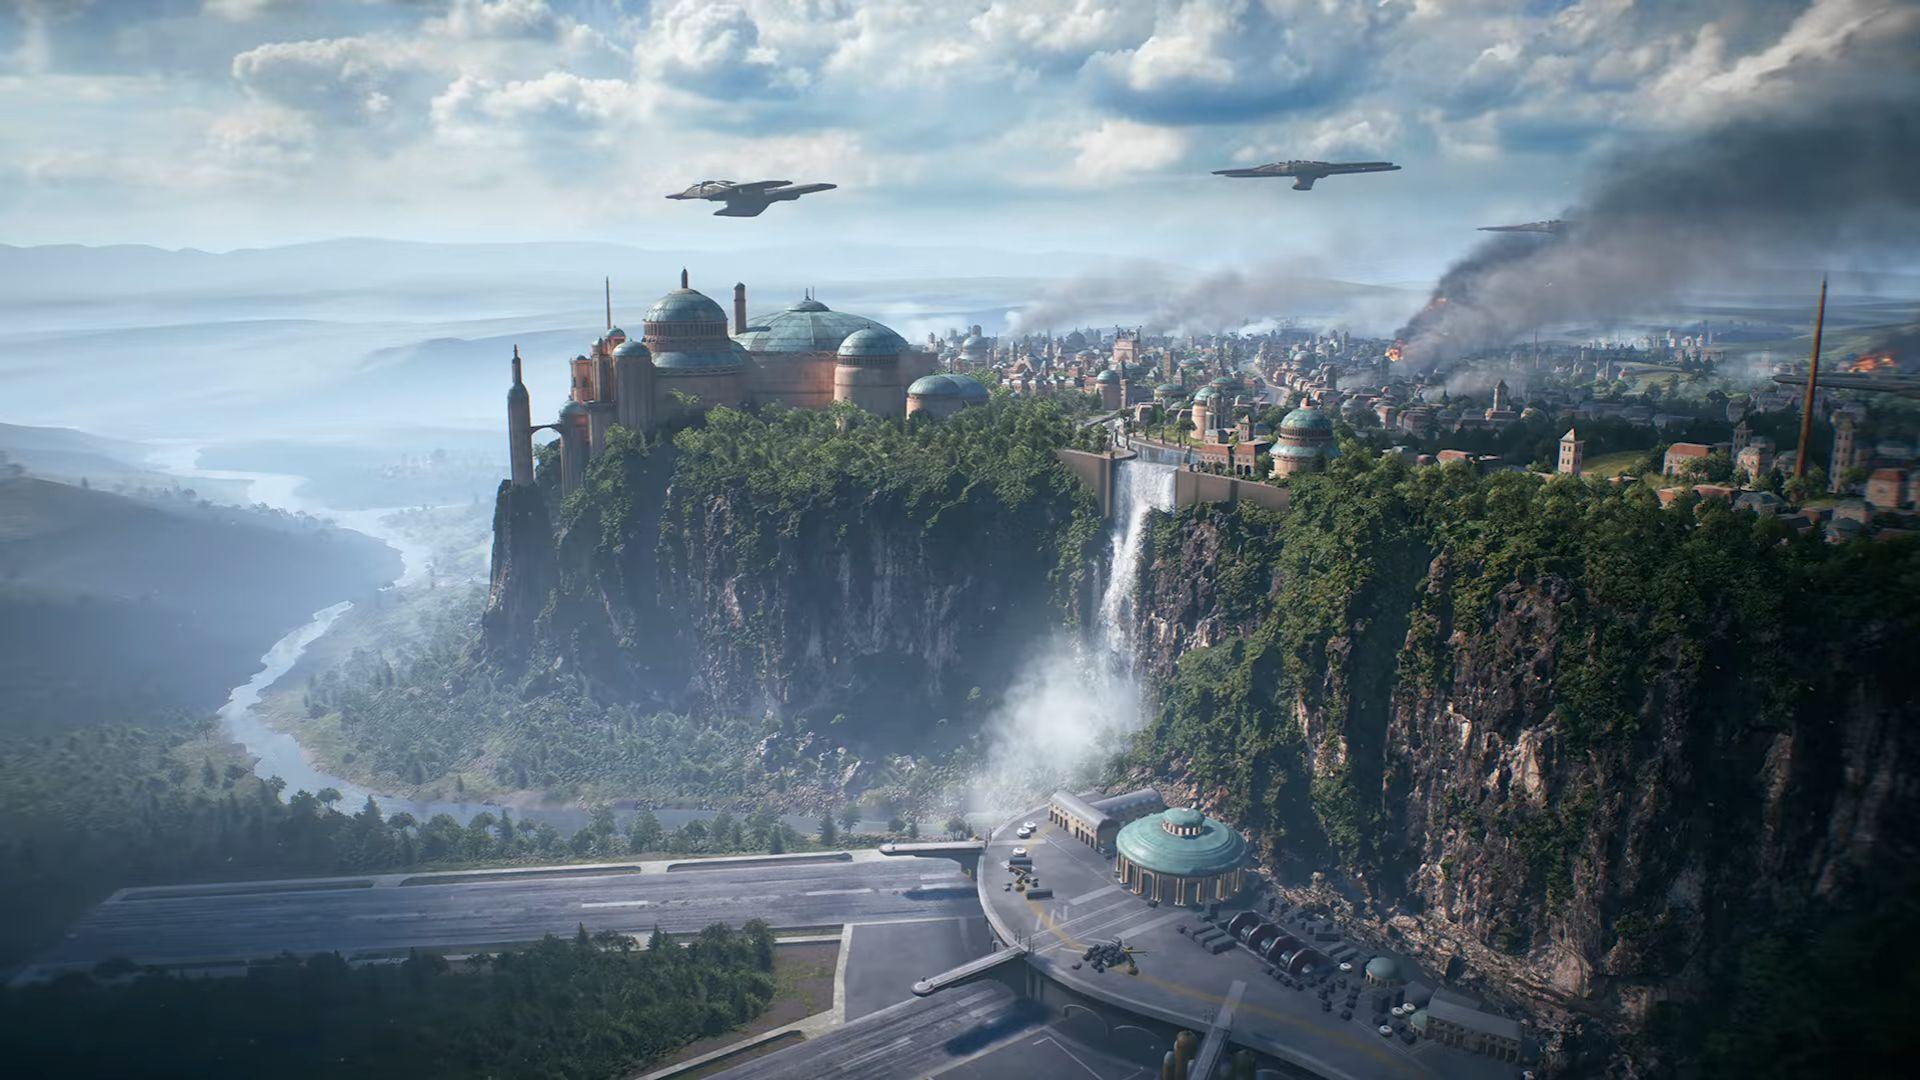 První pohled na planetu Naboo ve Star Wars: Battlefrontu 2 145443